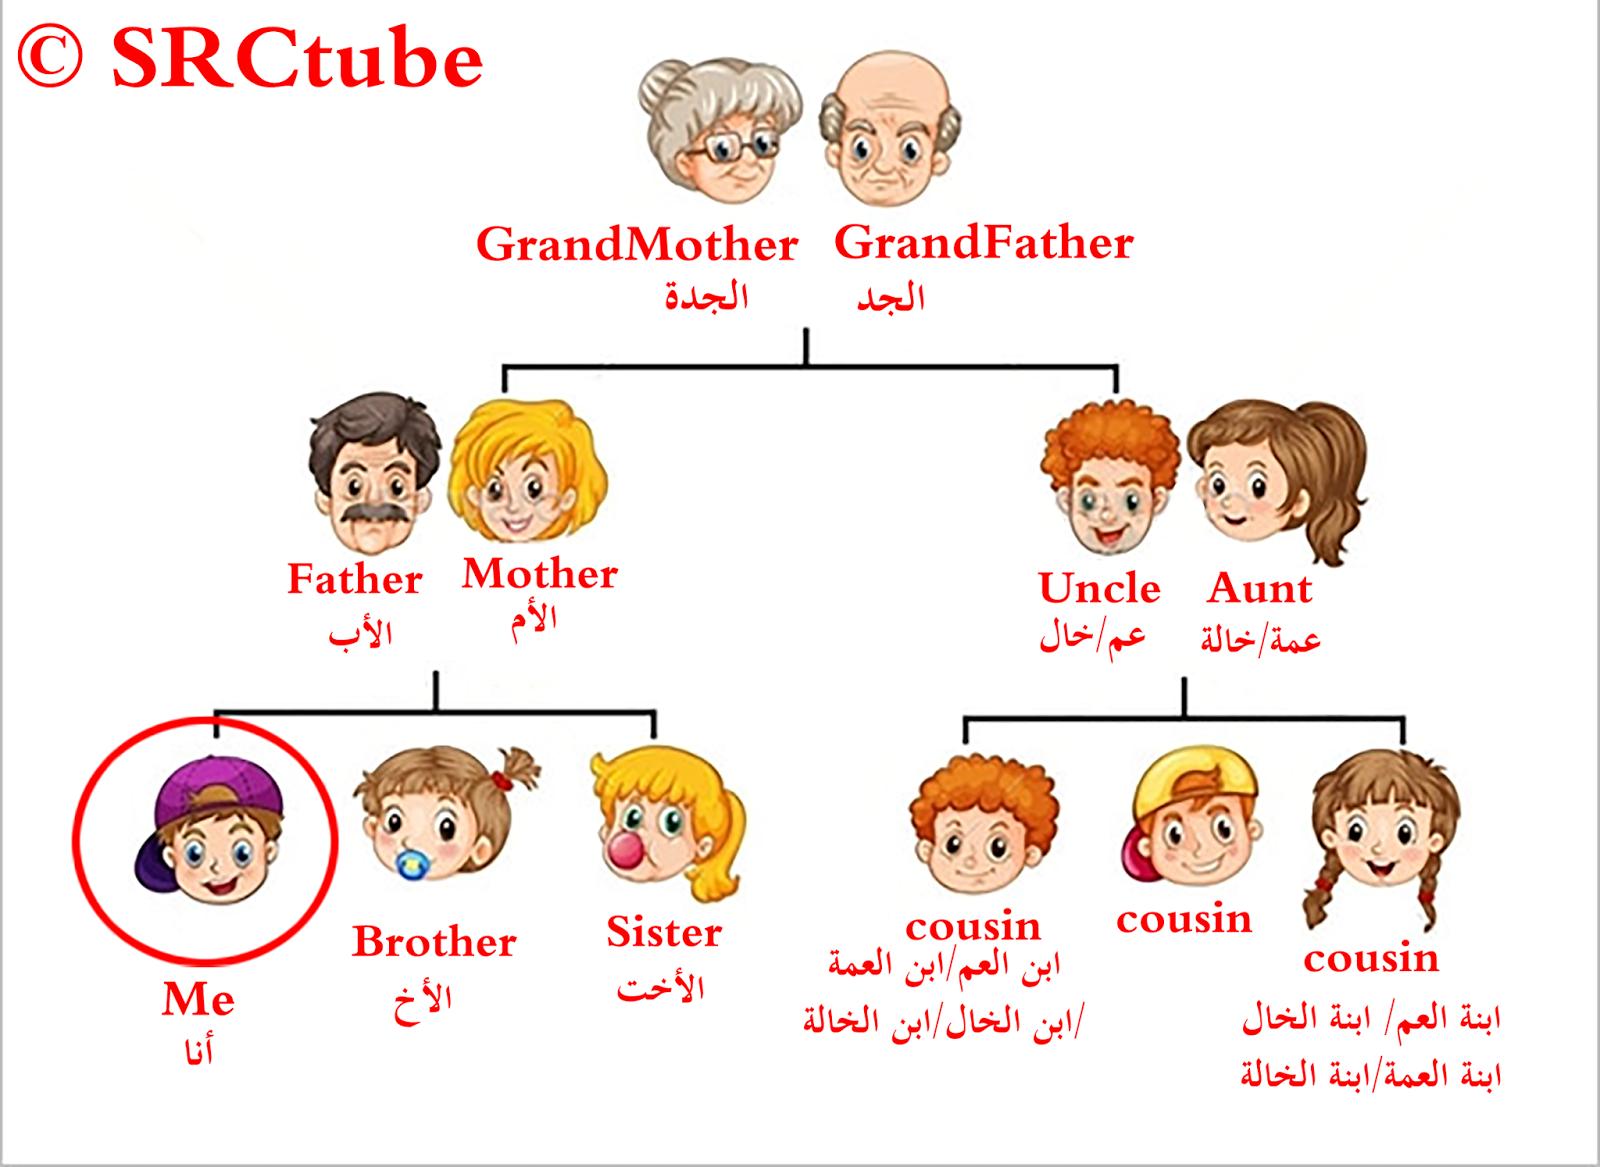 أسماء أفراد العائلة بالانجليزي